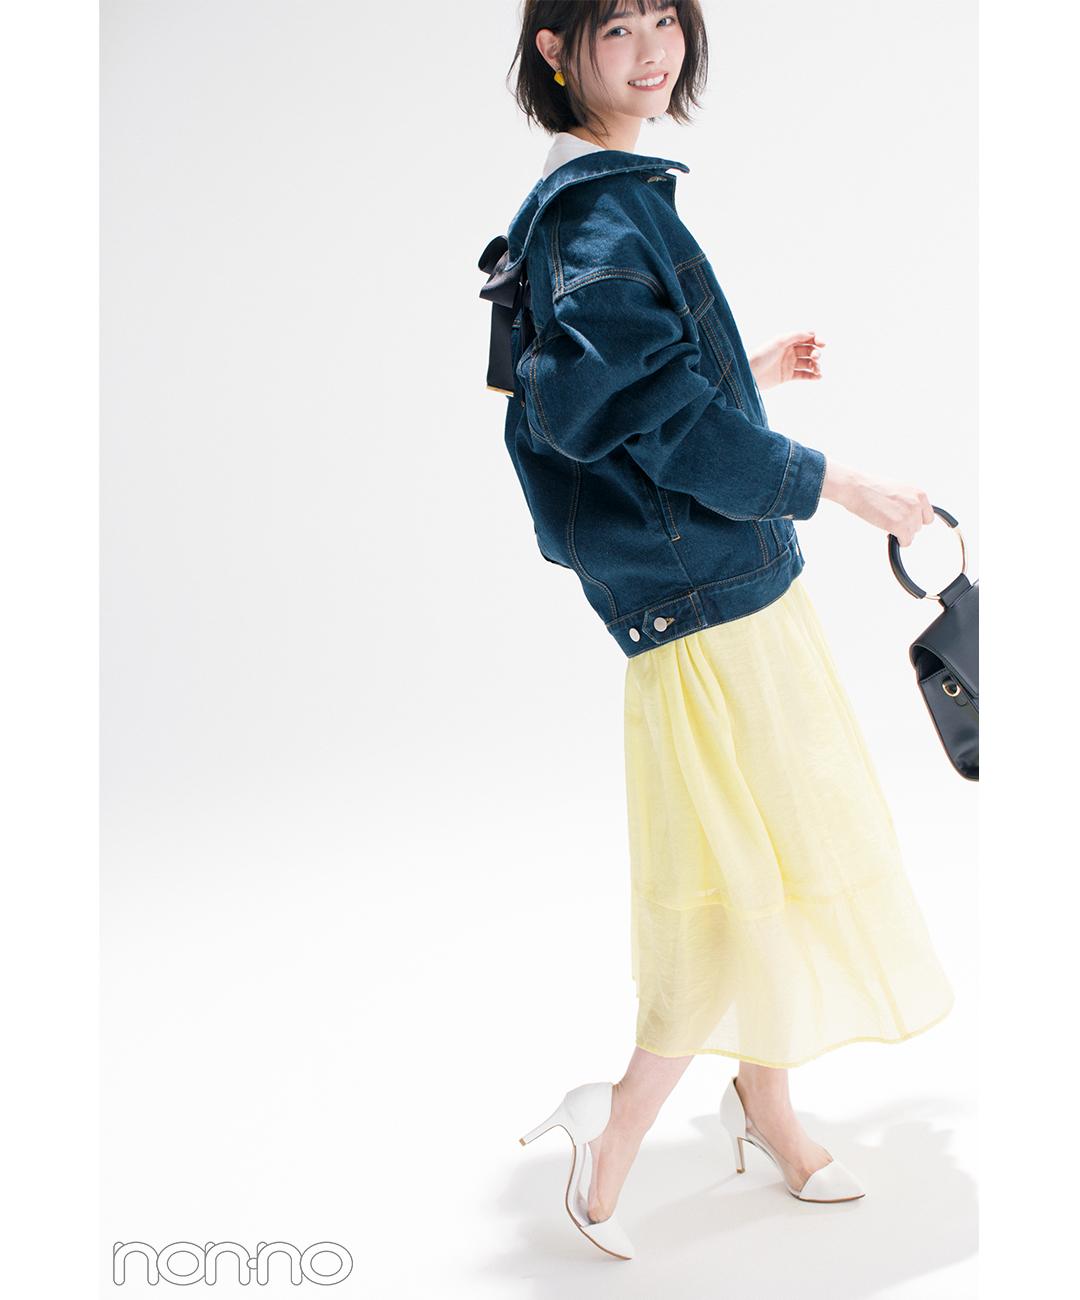 優子・七瀬・まなみんが着る! 女子が永遠好きな配色★パステル×デニム2018春の4選_1_3-2